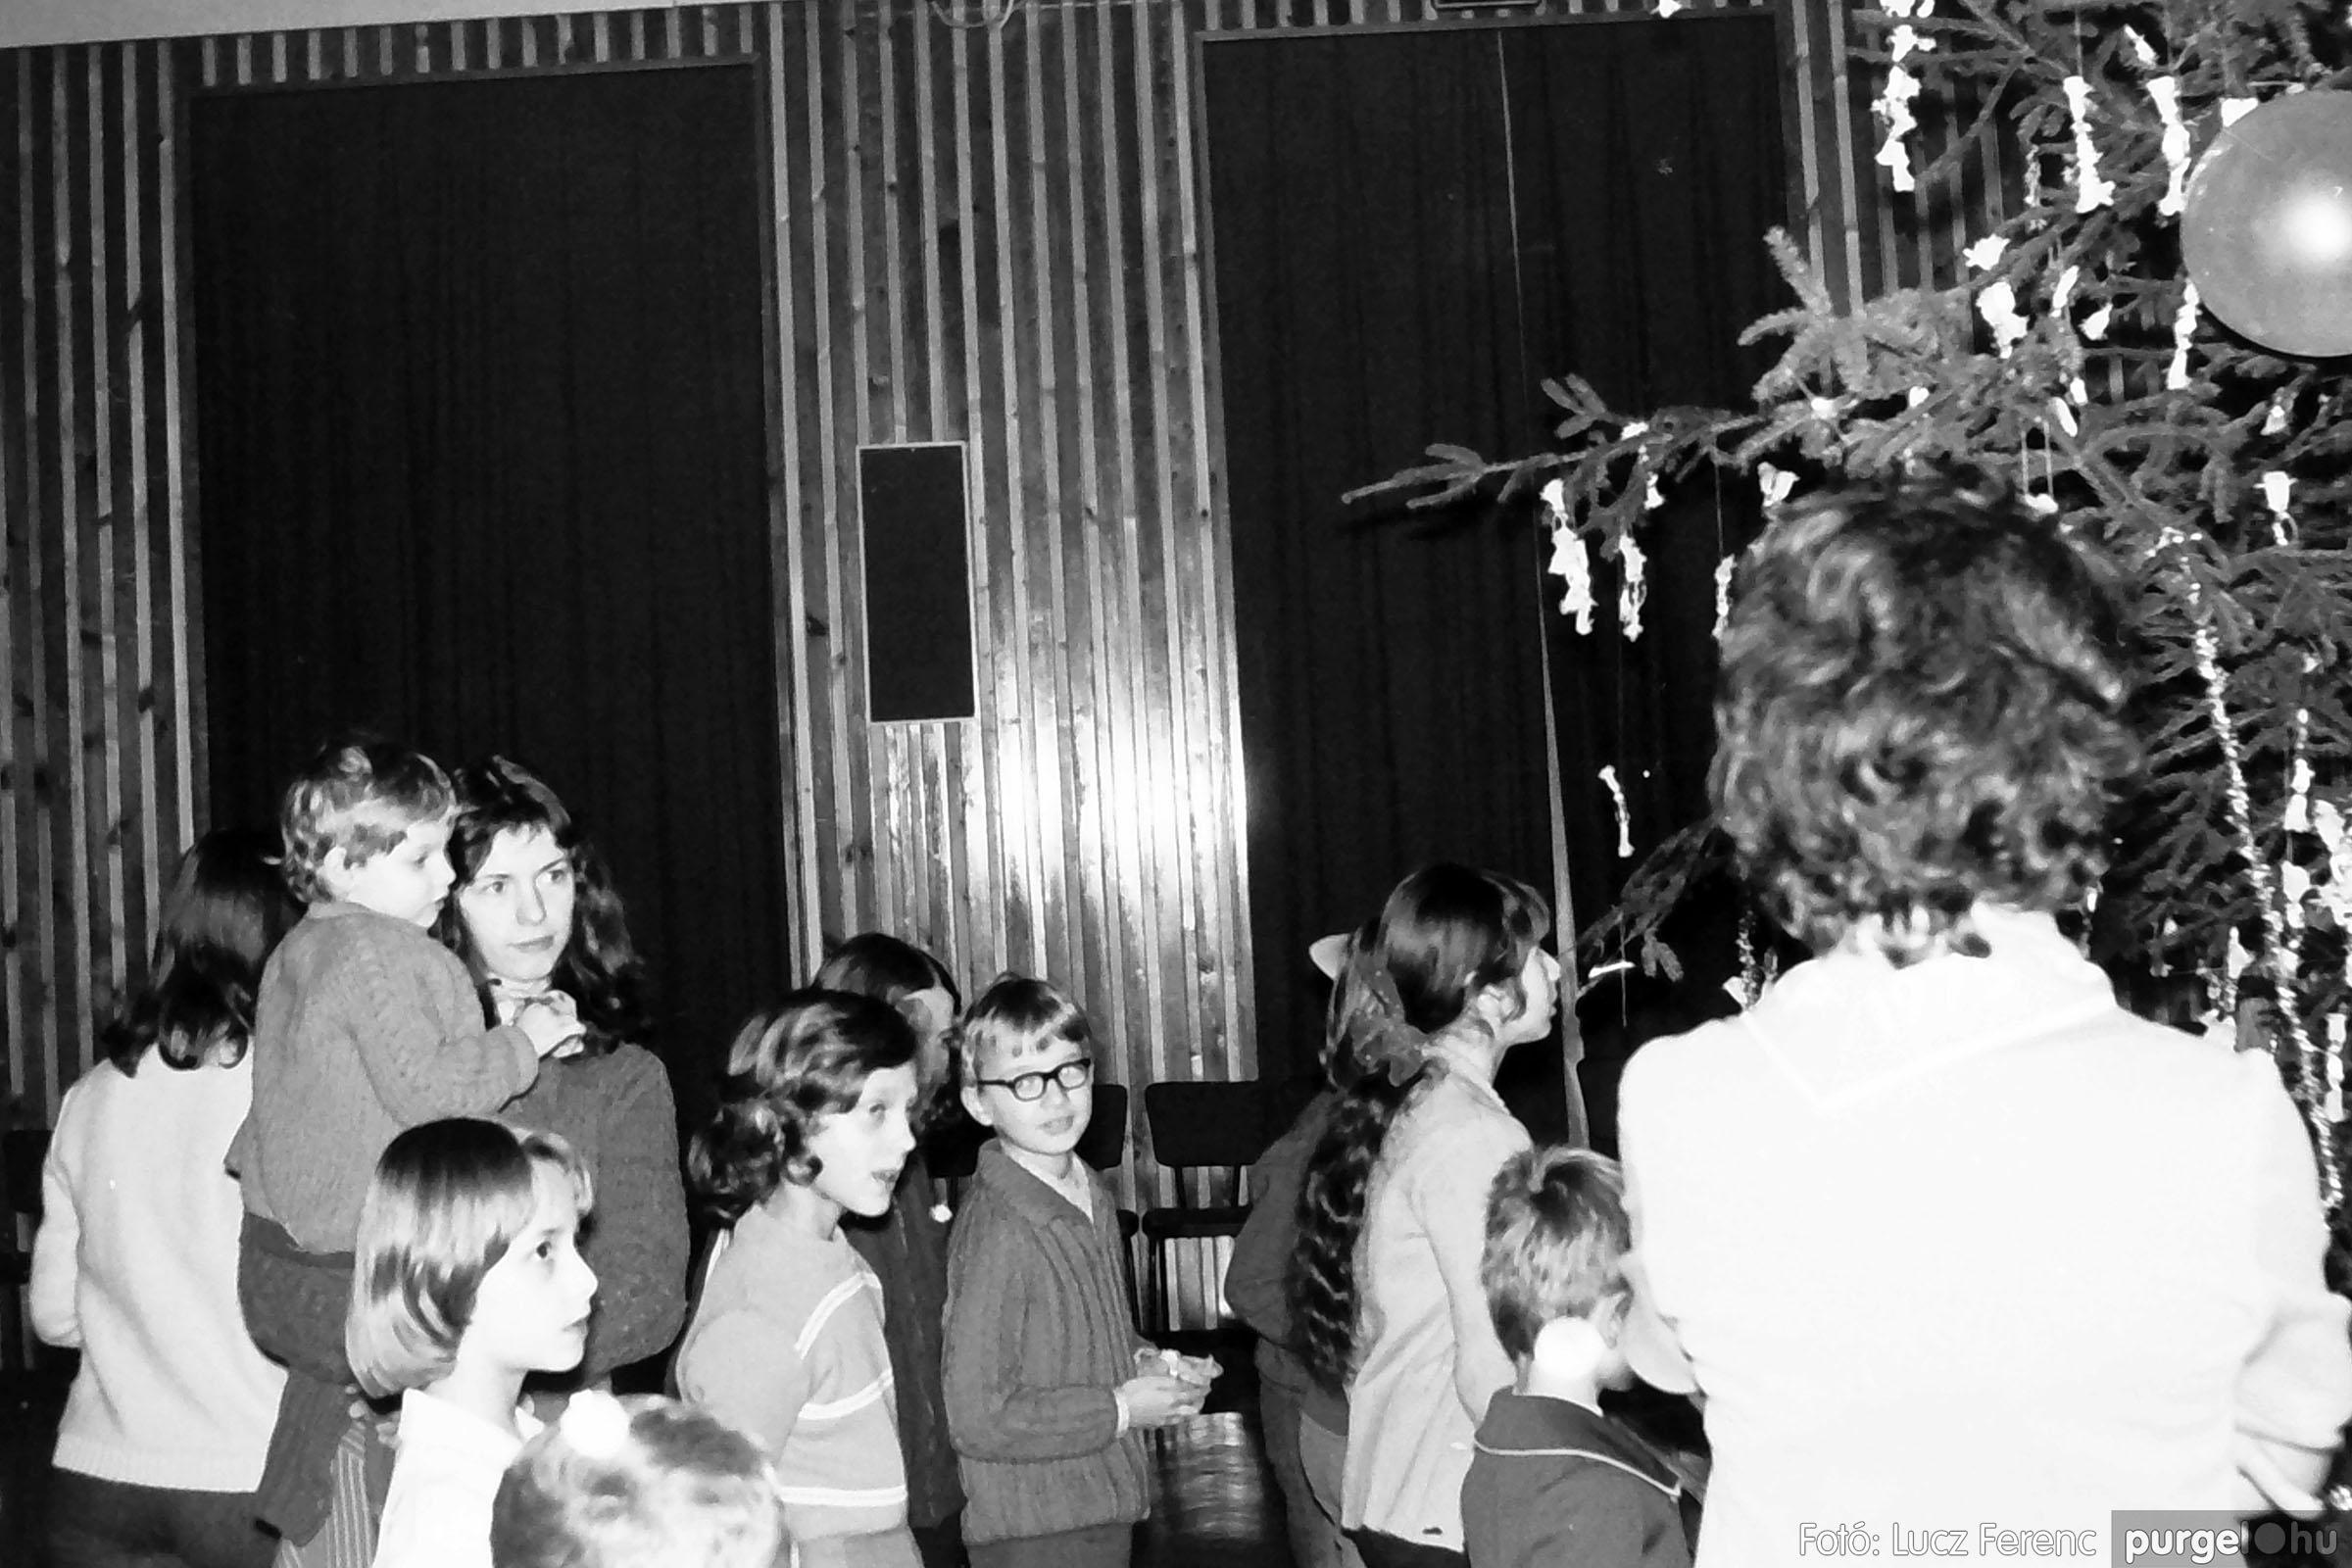 029 1975. Karácsonyi ünnepség a kultúrházban 012 - Fotó: Lucz Ferenc.jpg